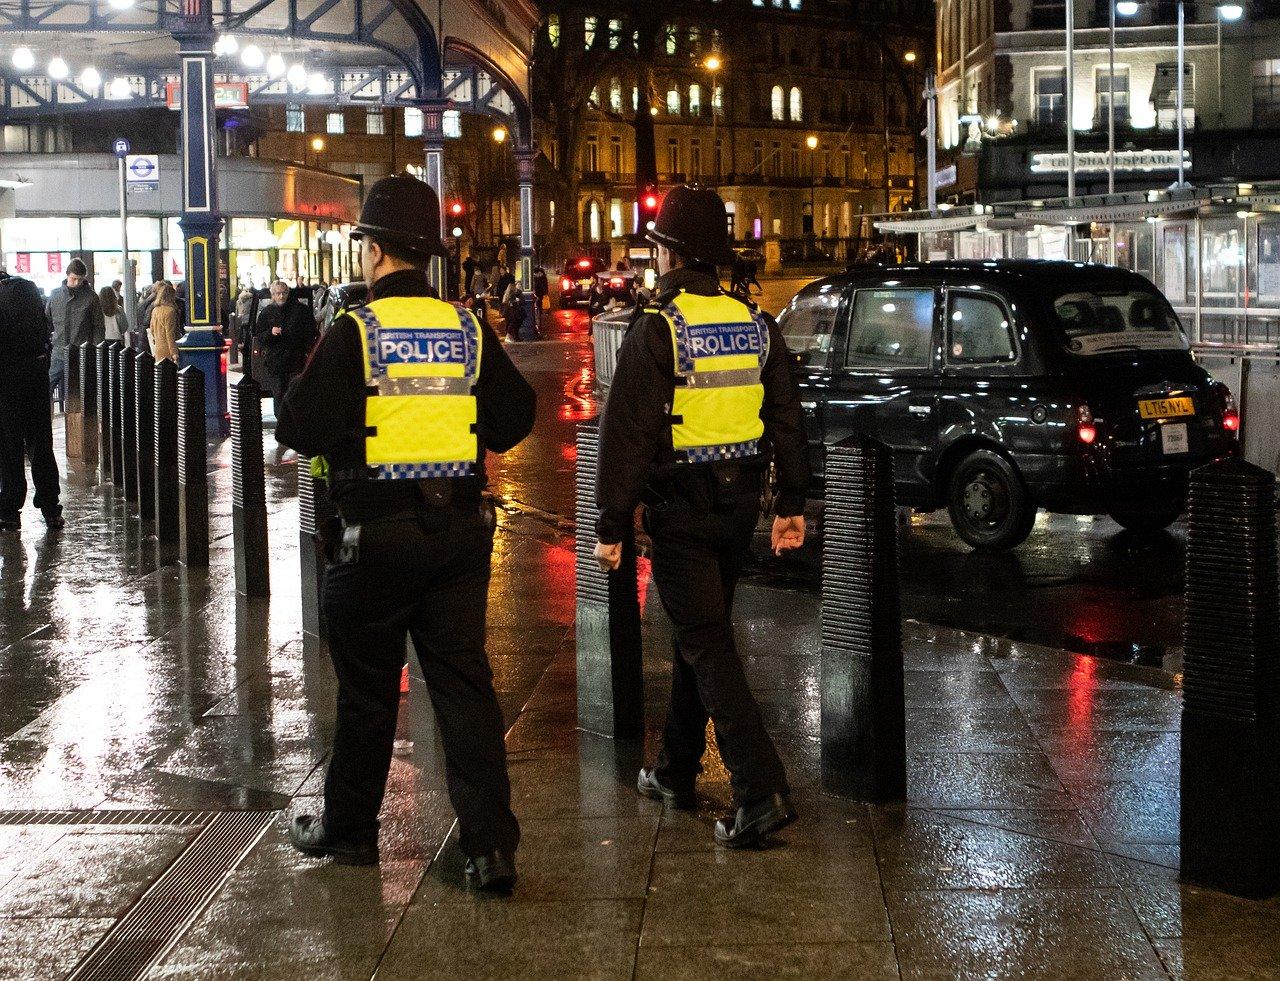 Terroranschlag in der Stadt Reading nahe London - 3 Menschen getötet bei Messerangriff